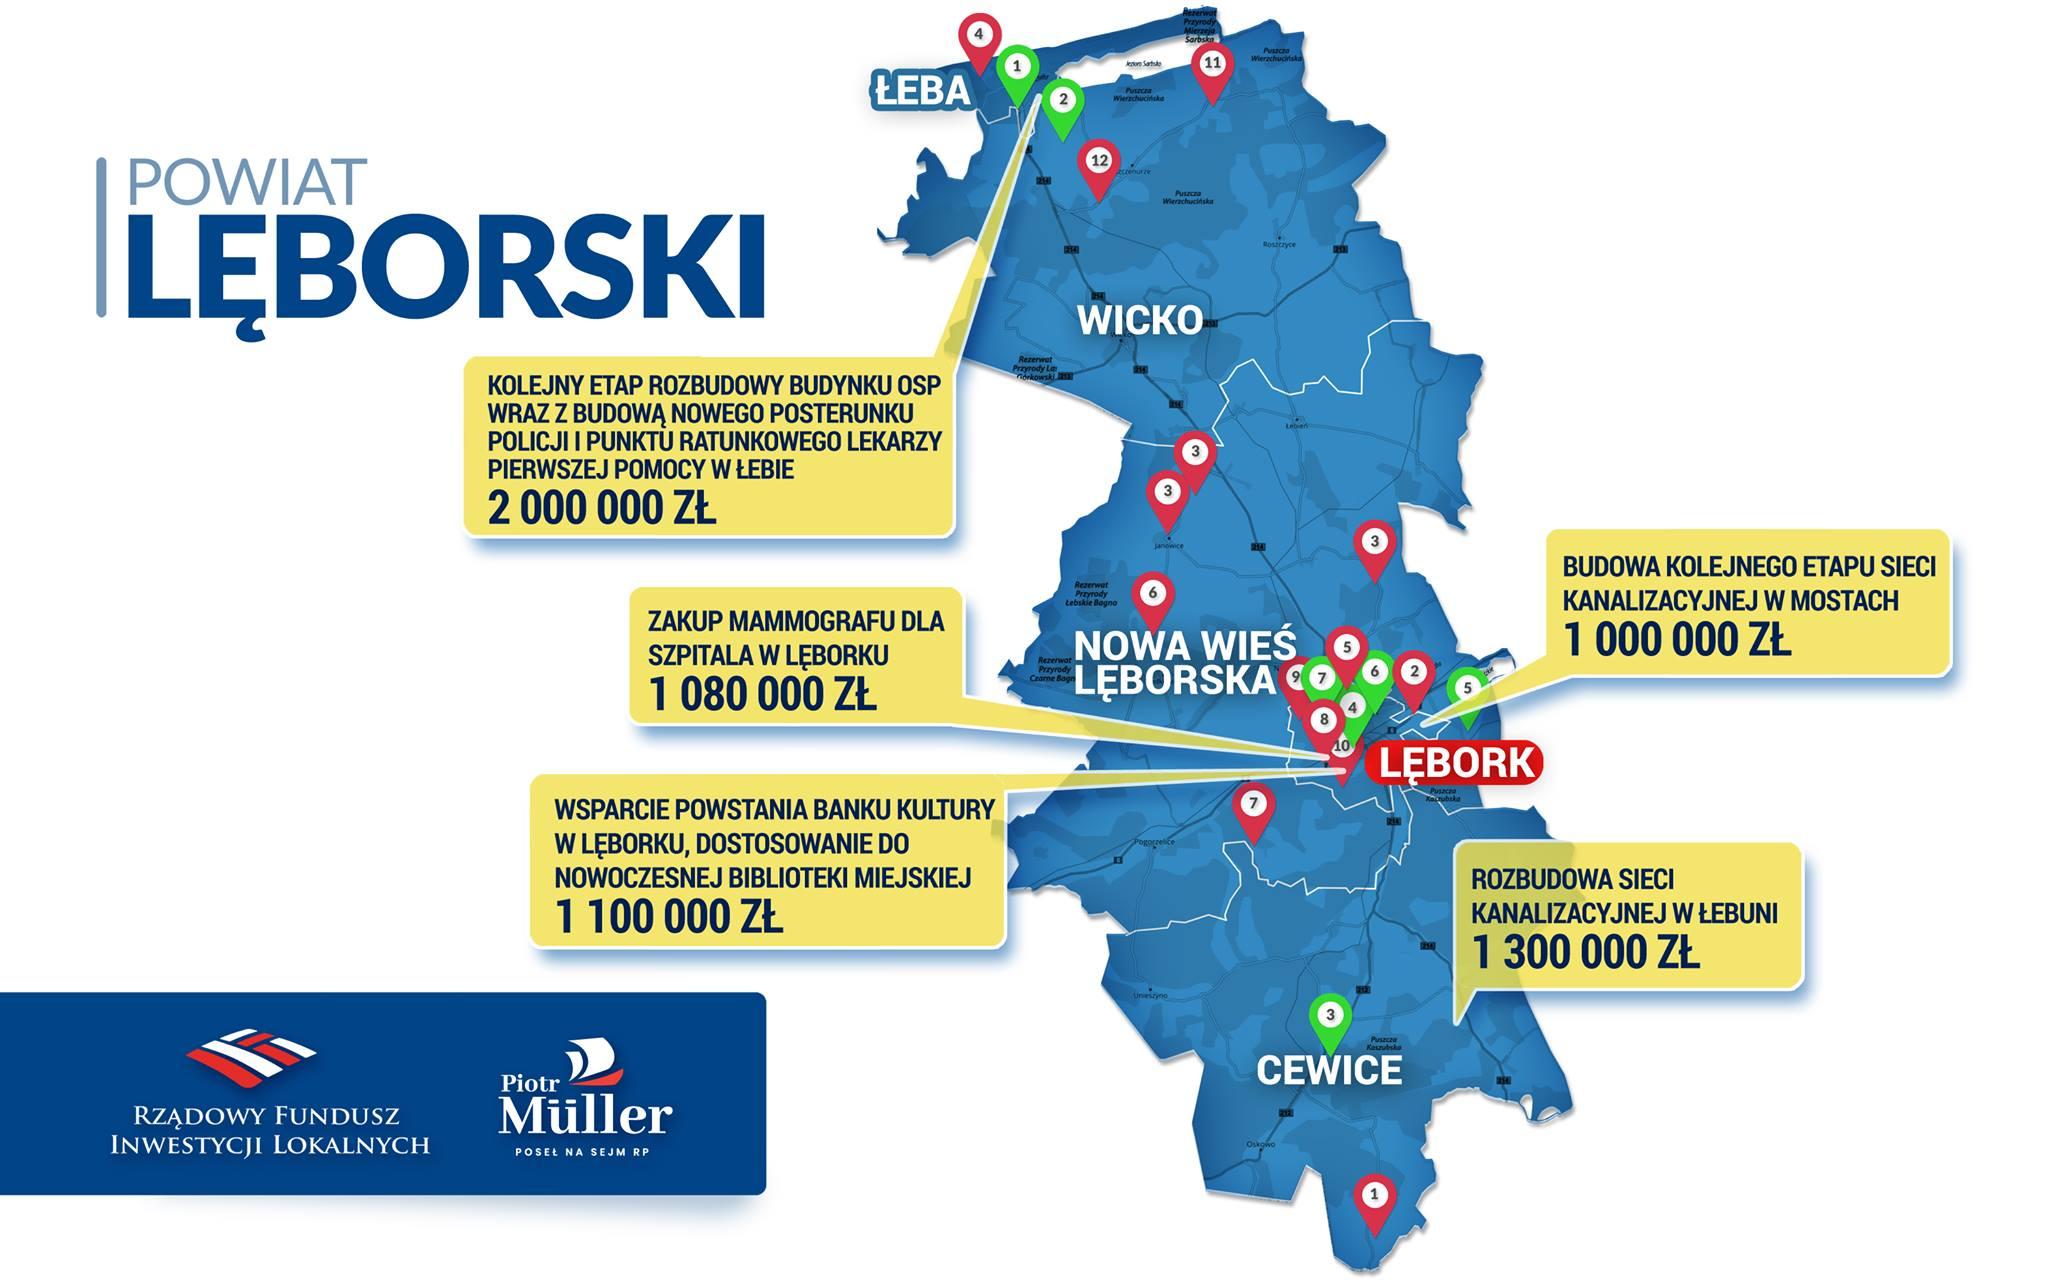 Ponad 6 mln złotych na kolejne inwestycje w regionie lęborskim. Łącznie to już 29 mln zł z Rządowego Funduszu Inwestycji Lokalnych dla regionu lęborskiego.